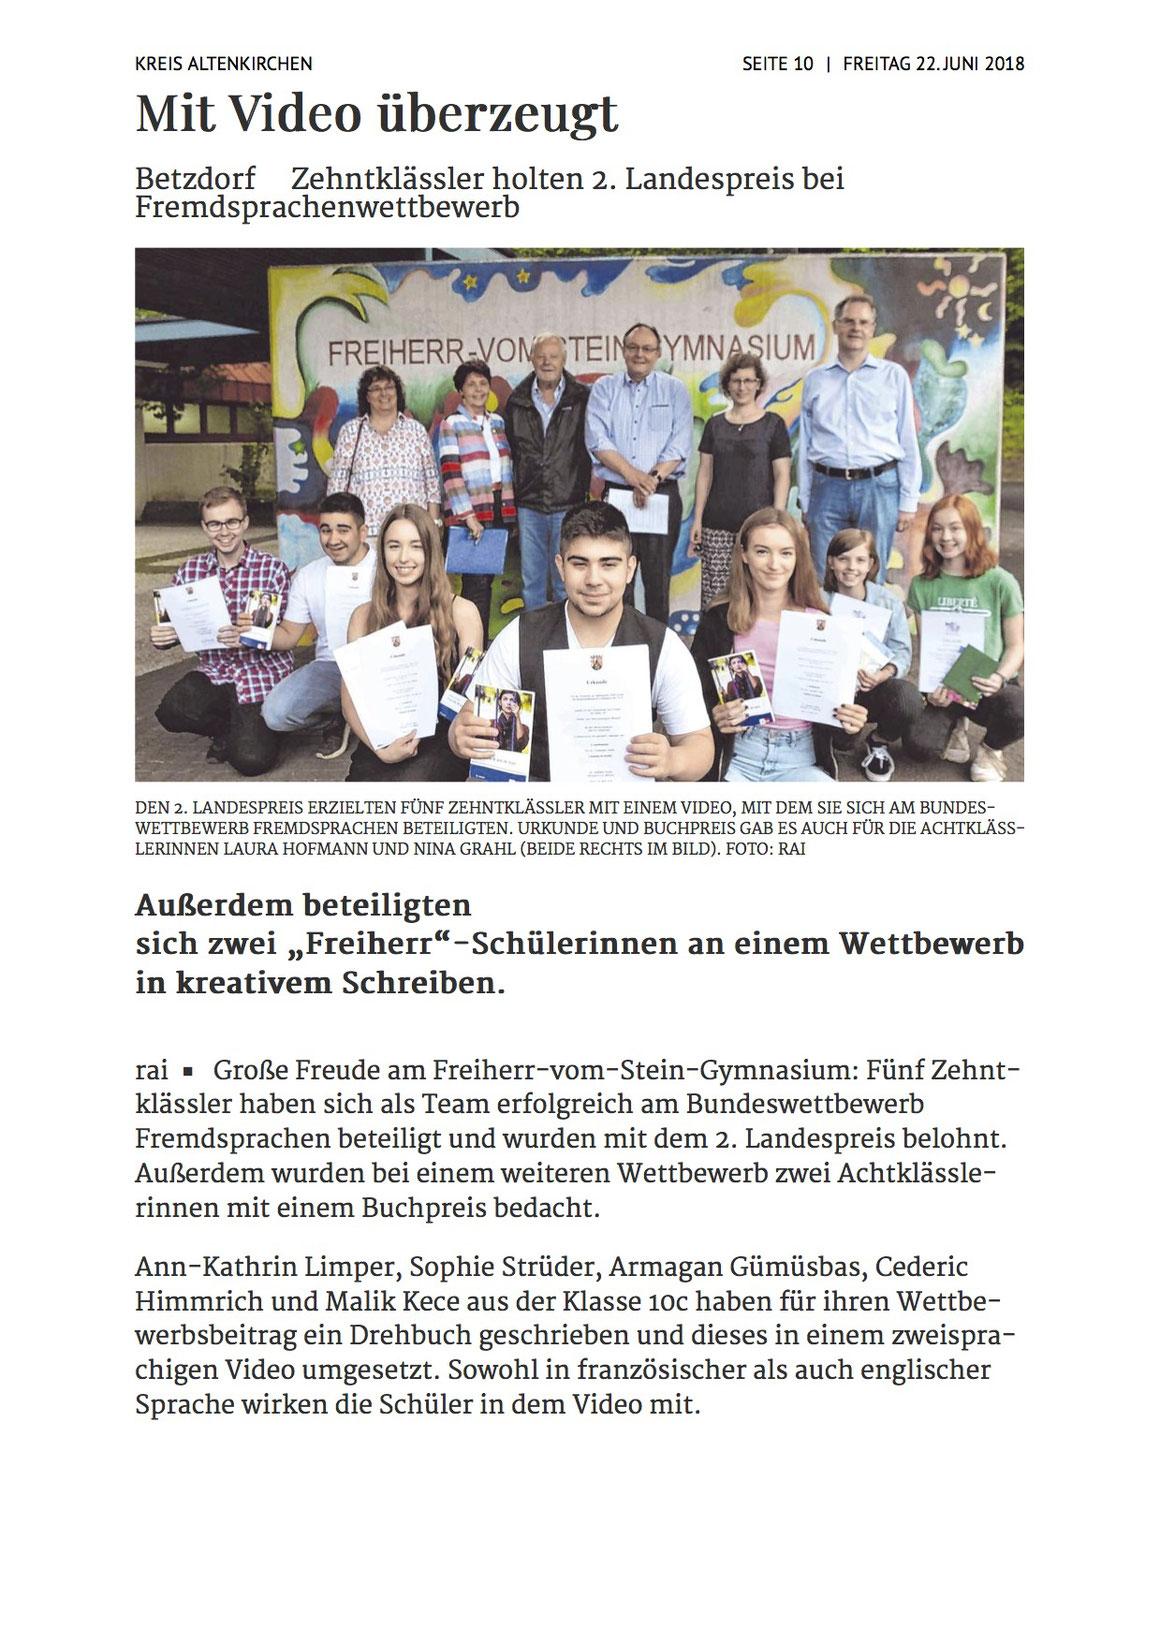 Siegener Zeitung, 22.06.2018